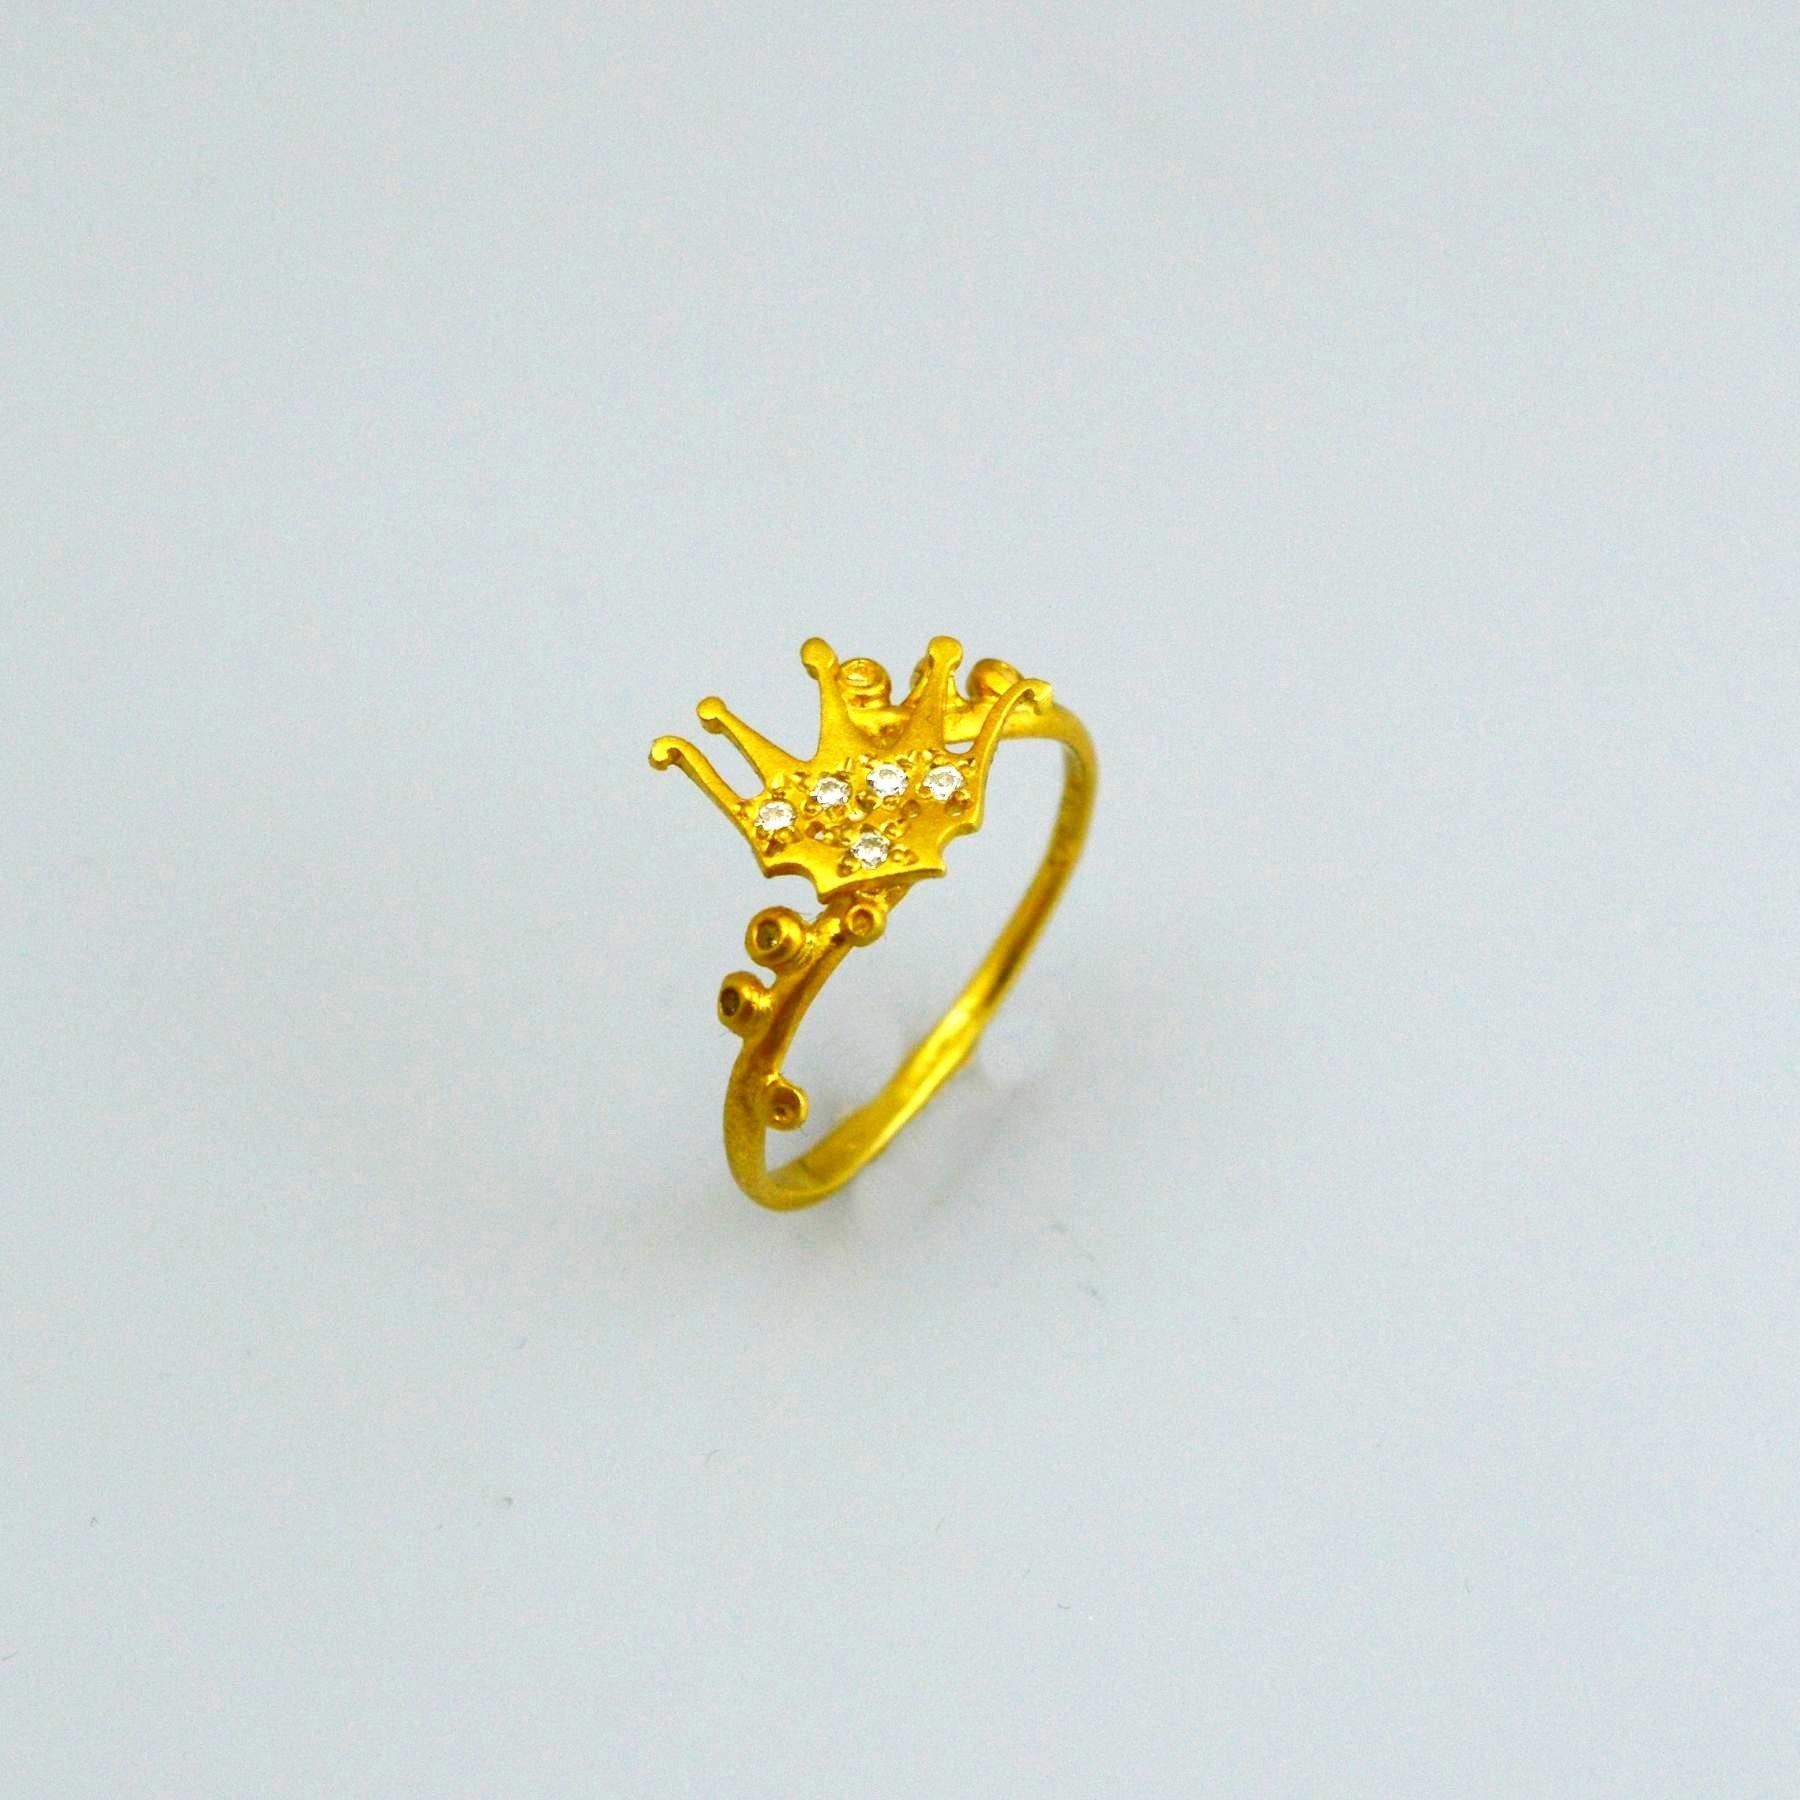 Δαχτυλίδι χρυσό